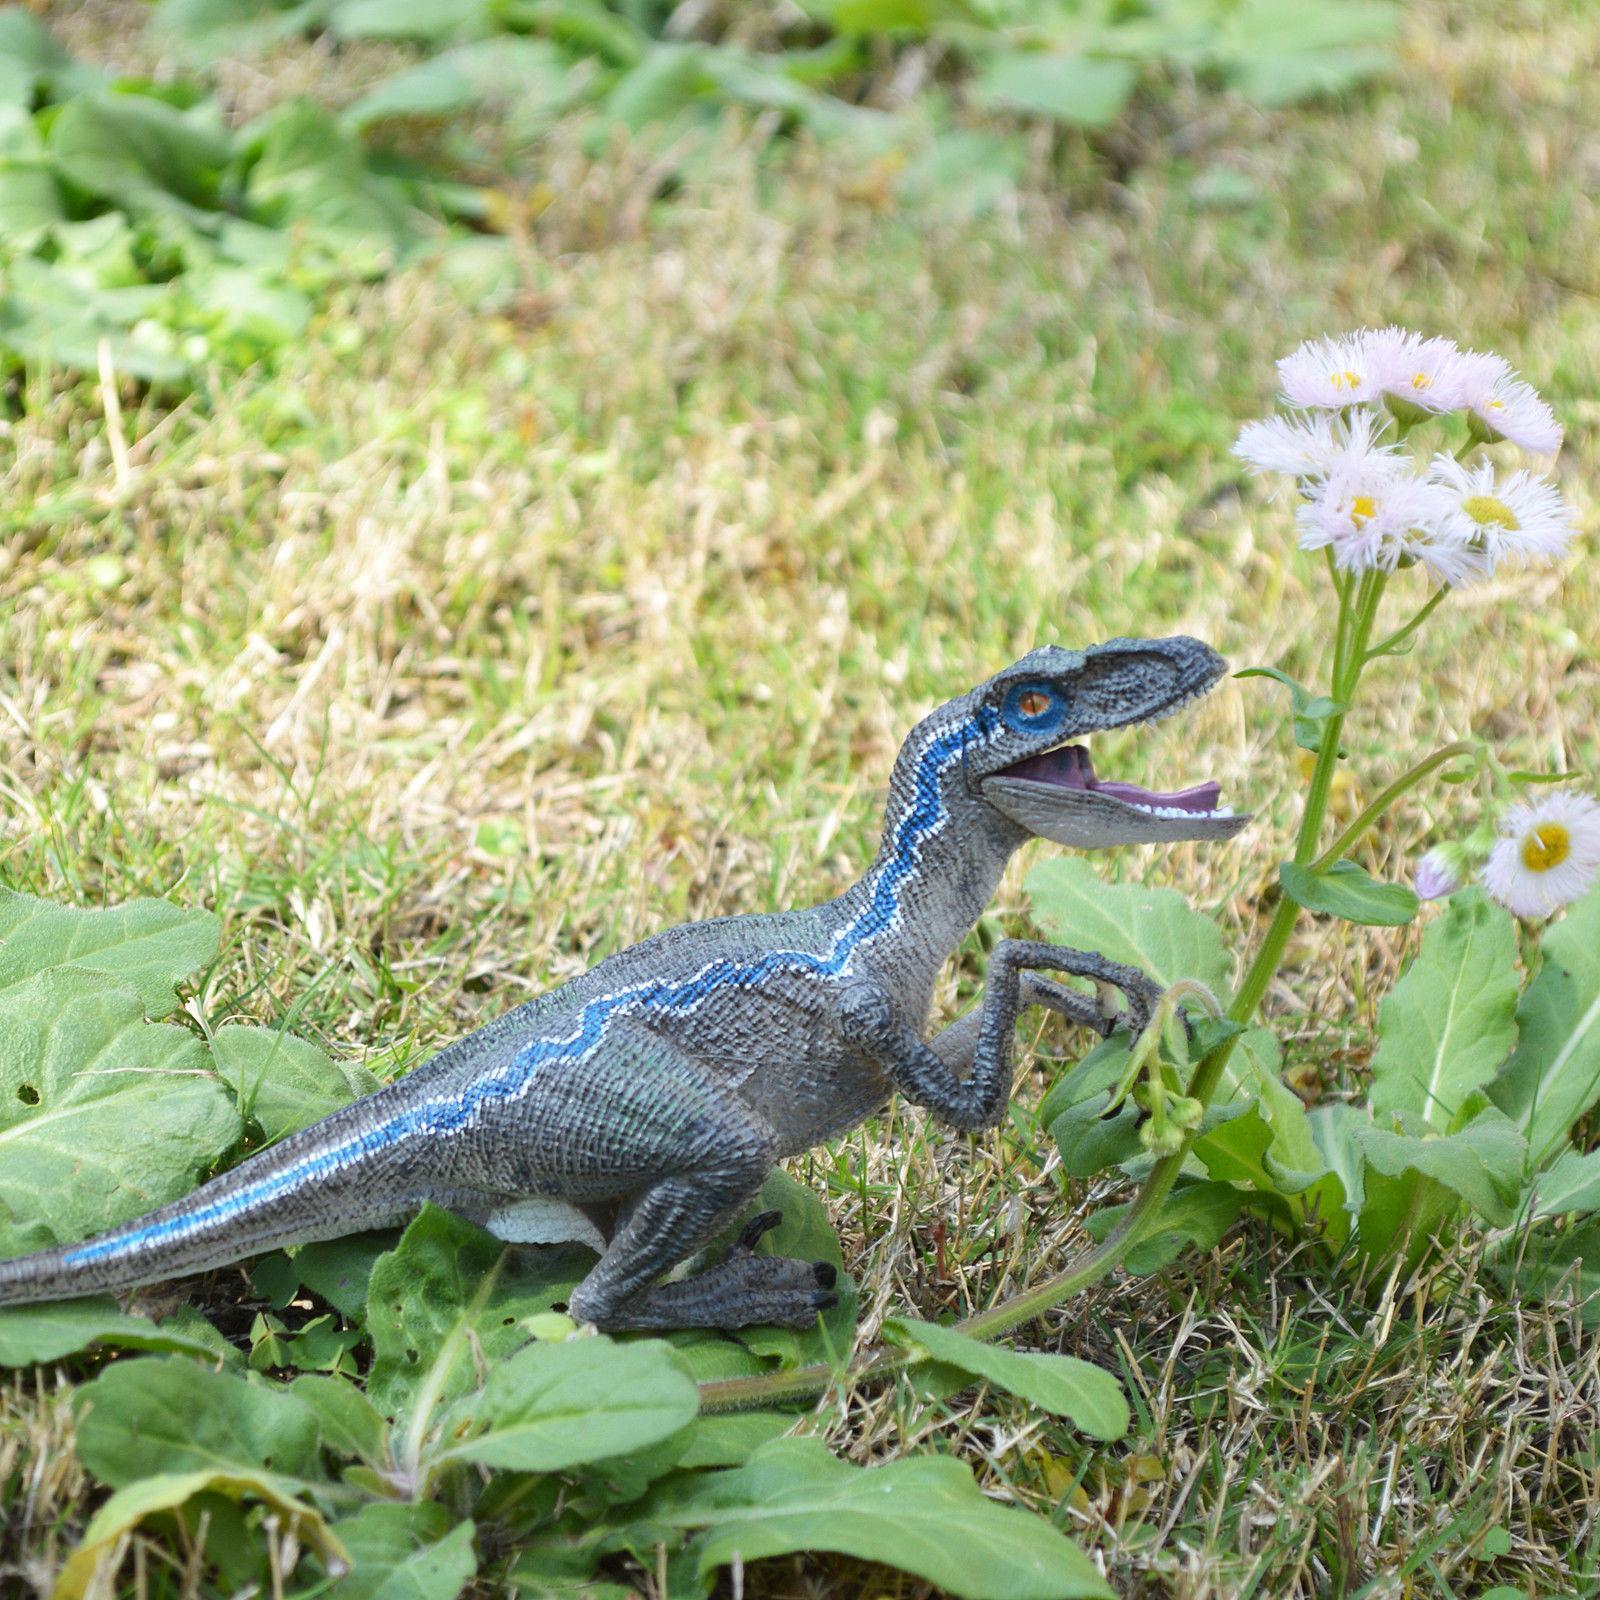 Jurassic Velociraptor Birthday Gift